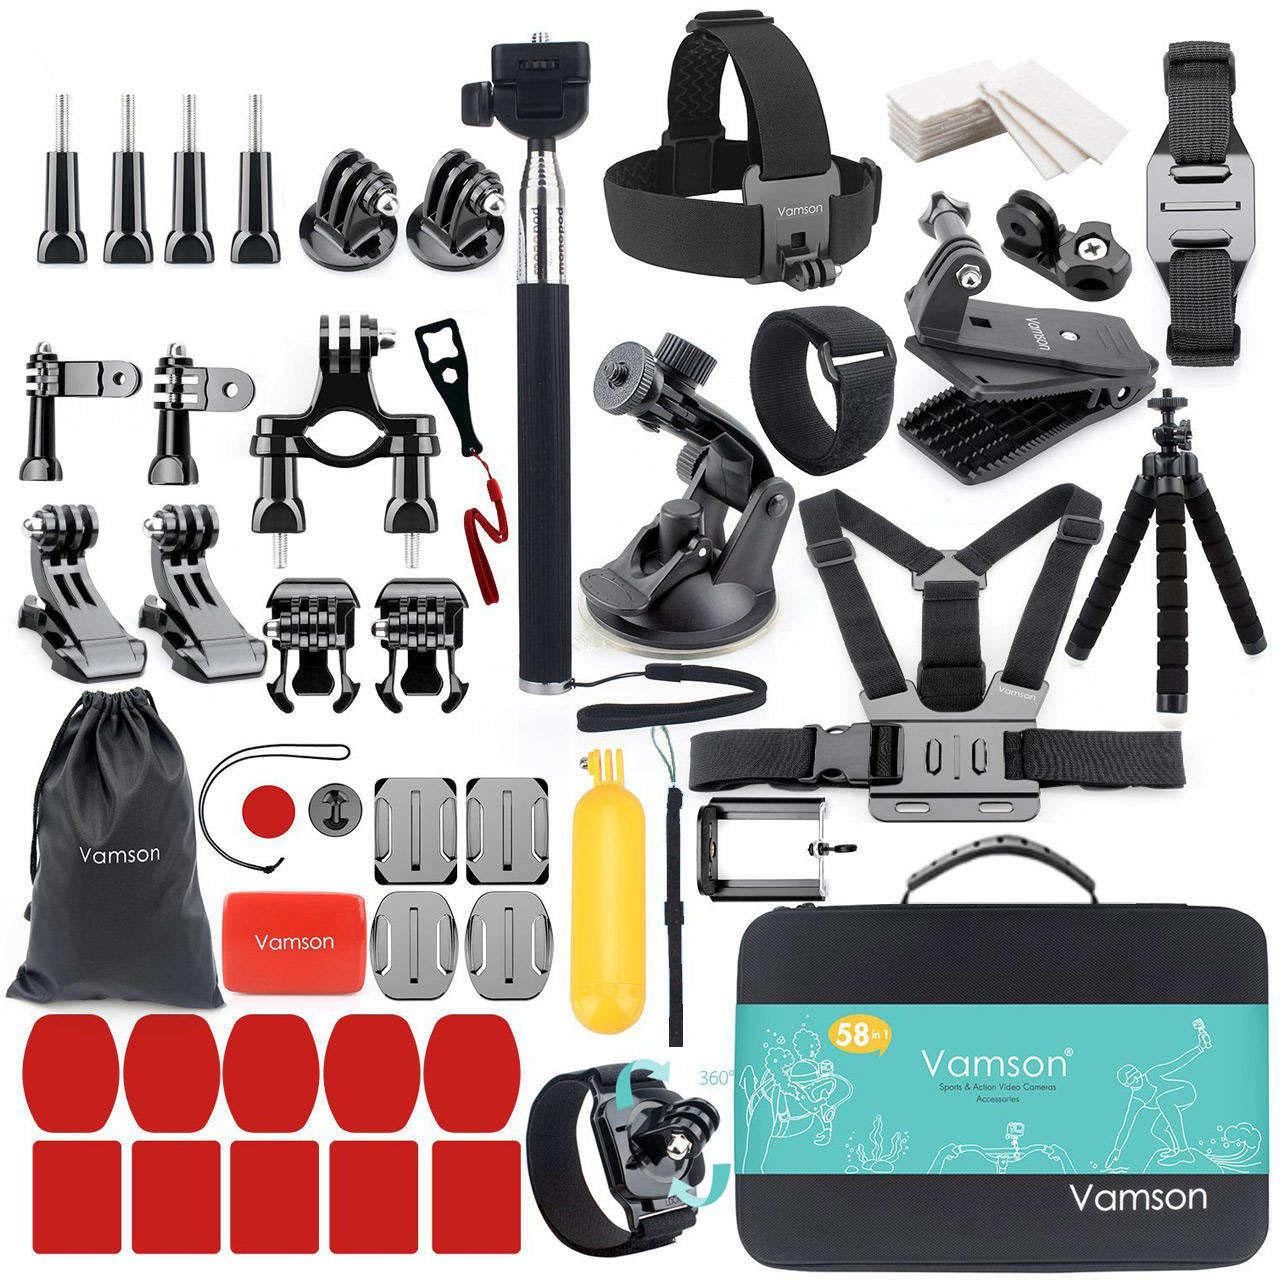 لوازم جانبی دوربین ورزشی ومسان مدل VS84 مجموعه 58 عددی